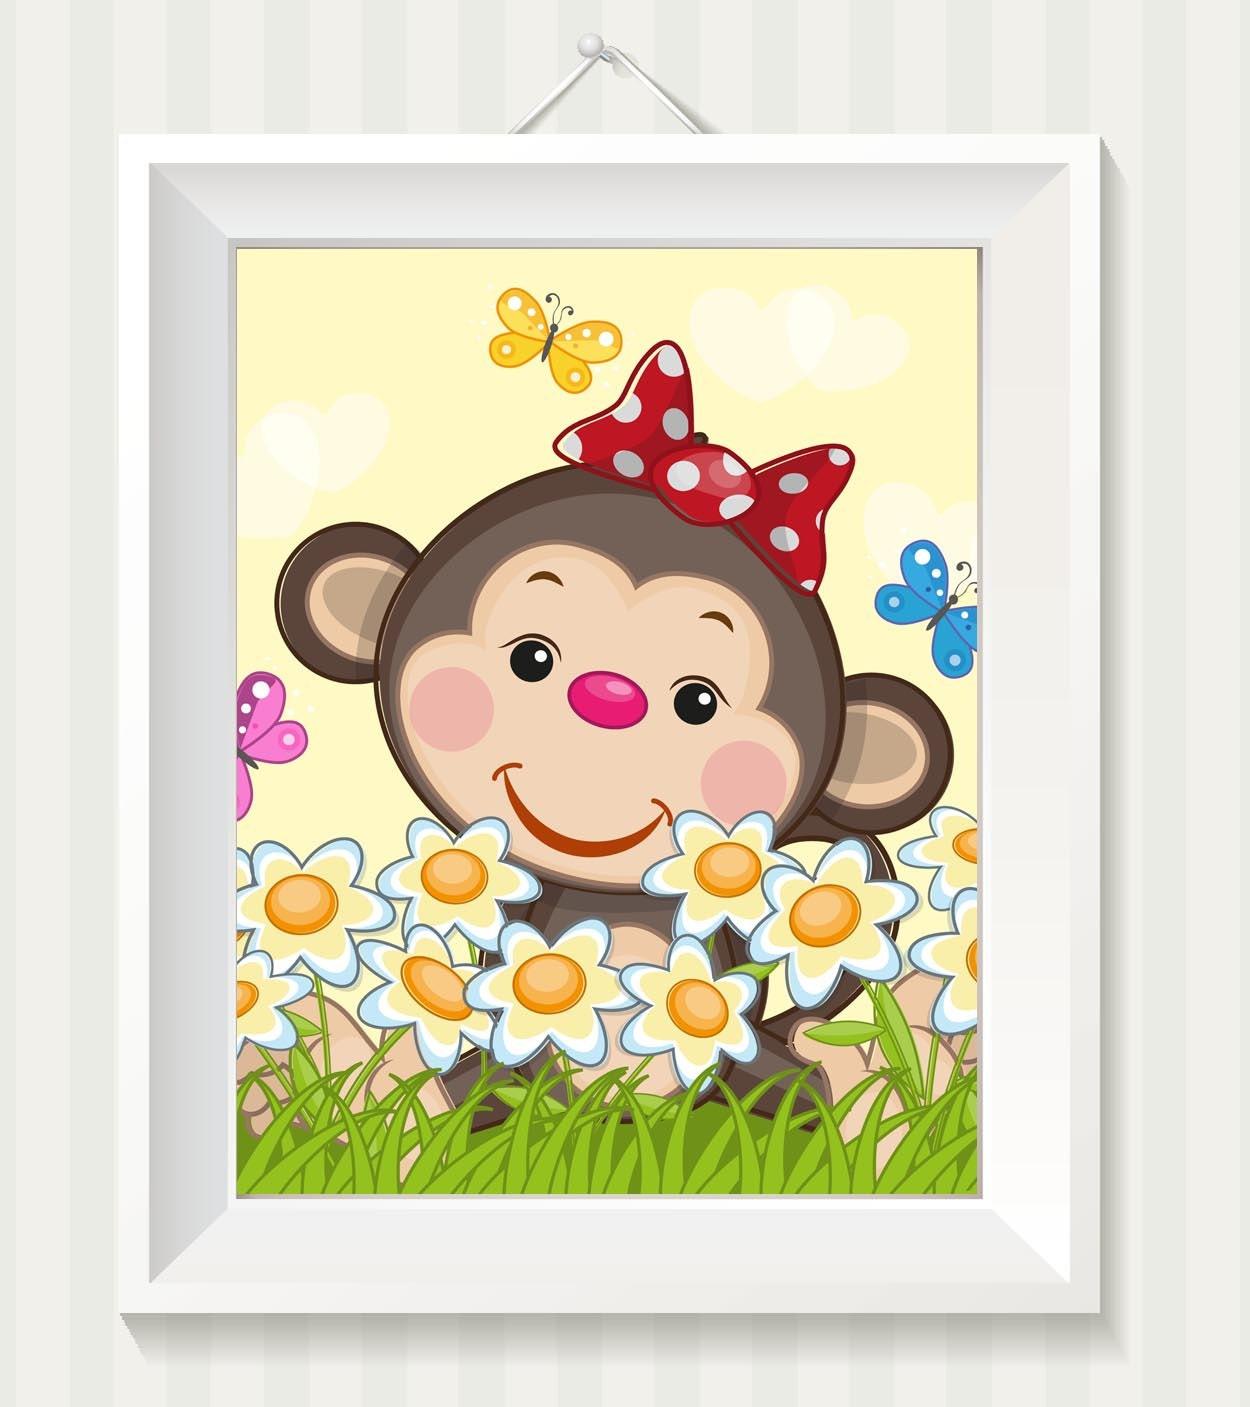 Girl Monkey Nursery Art Monkey Nursery Print Baby Art Baby Animal Brown Beige Yellow Dasies Flowers